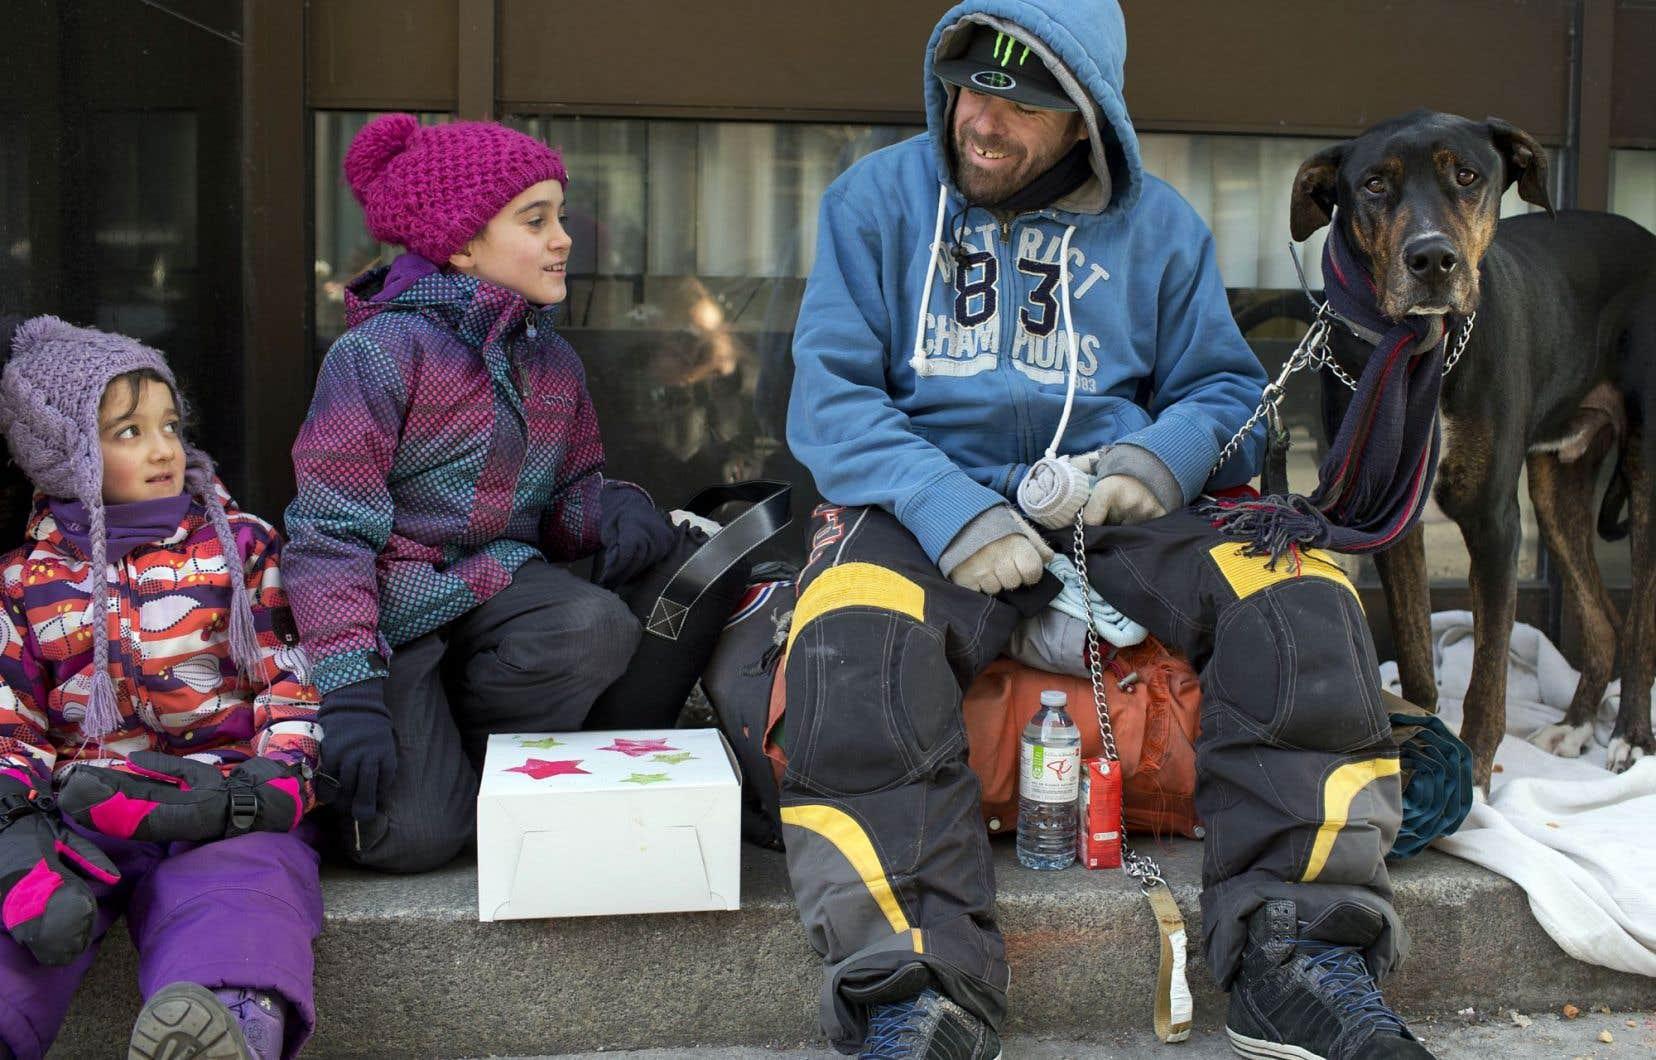 Marion et sa sœur Romane se sont arrêtées un instant pour discuter avec un homme. Il a reçu avec plaisir l'une de leurs boîtes bien pleines de nourriture.